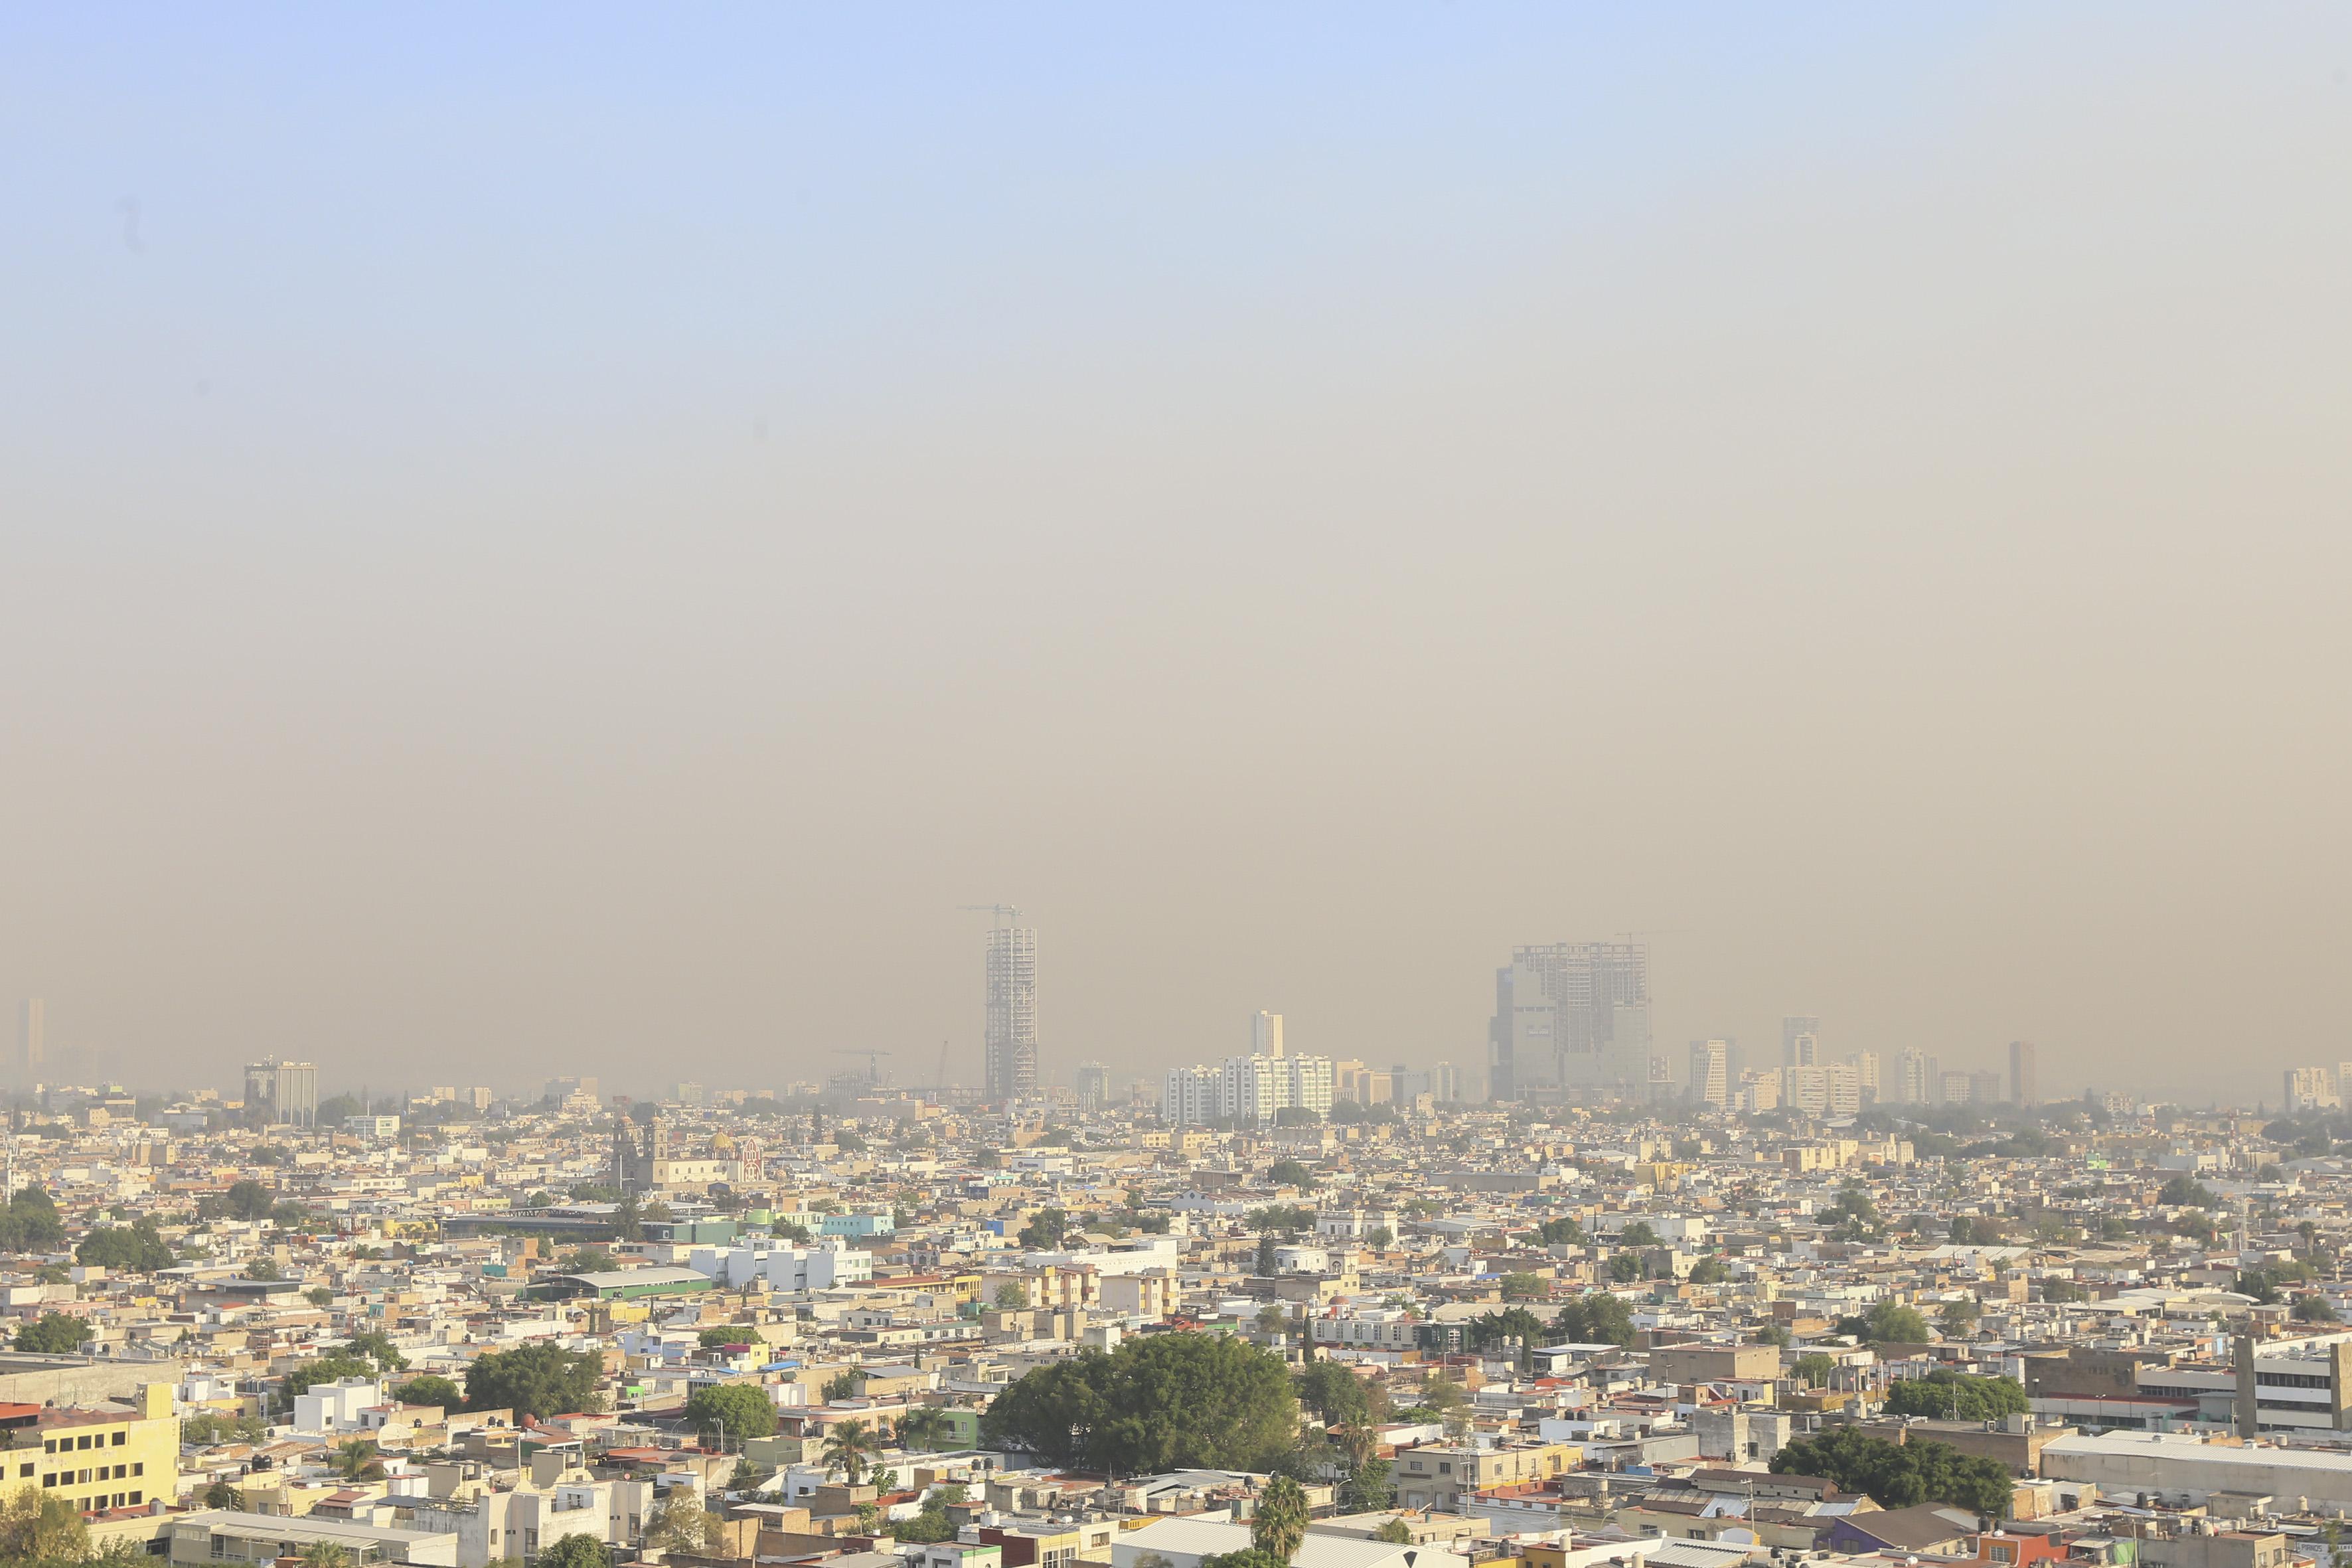 Vista panorámica de los cielos contaminados  de Guadalajara, hacia la zona norte.